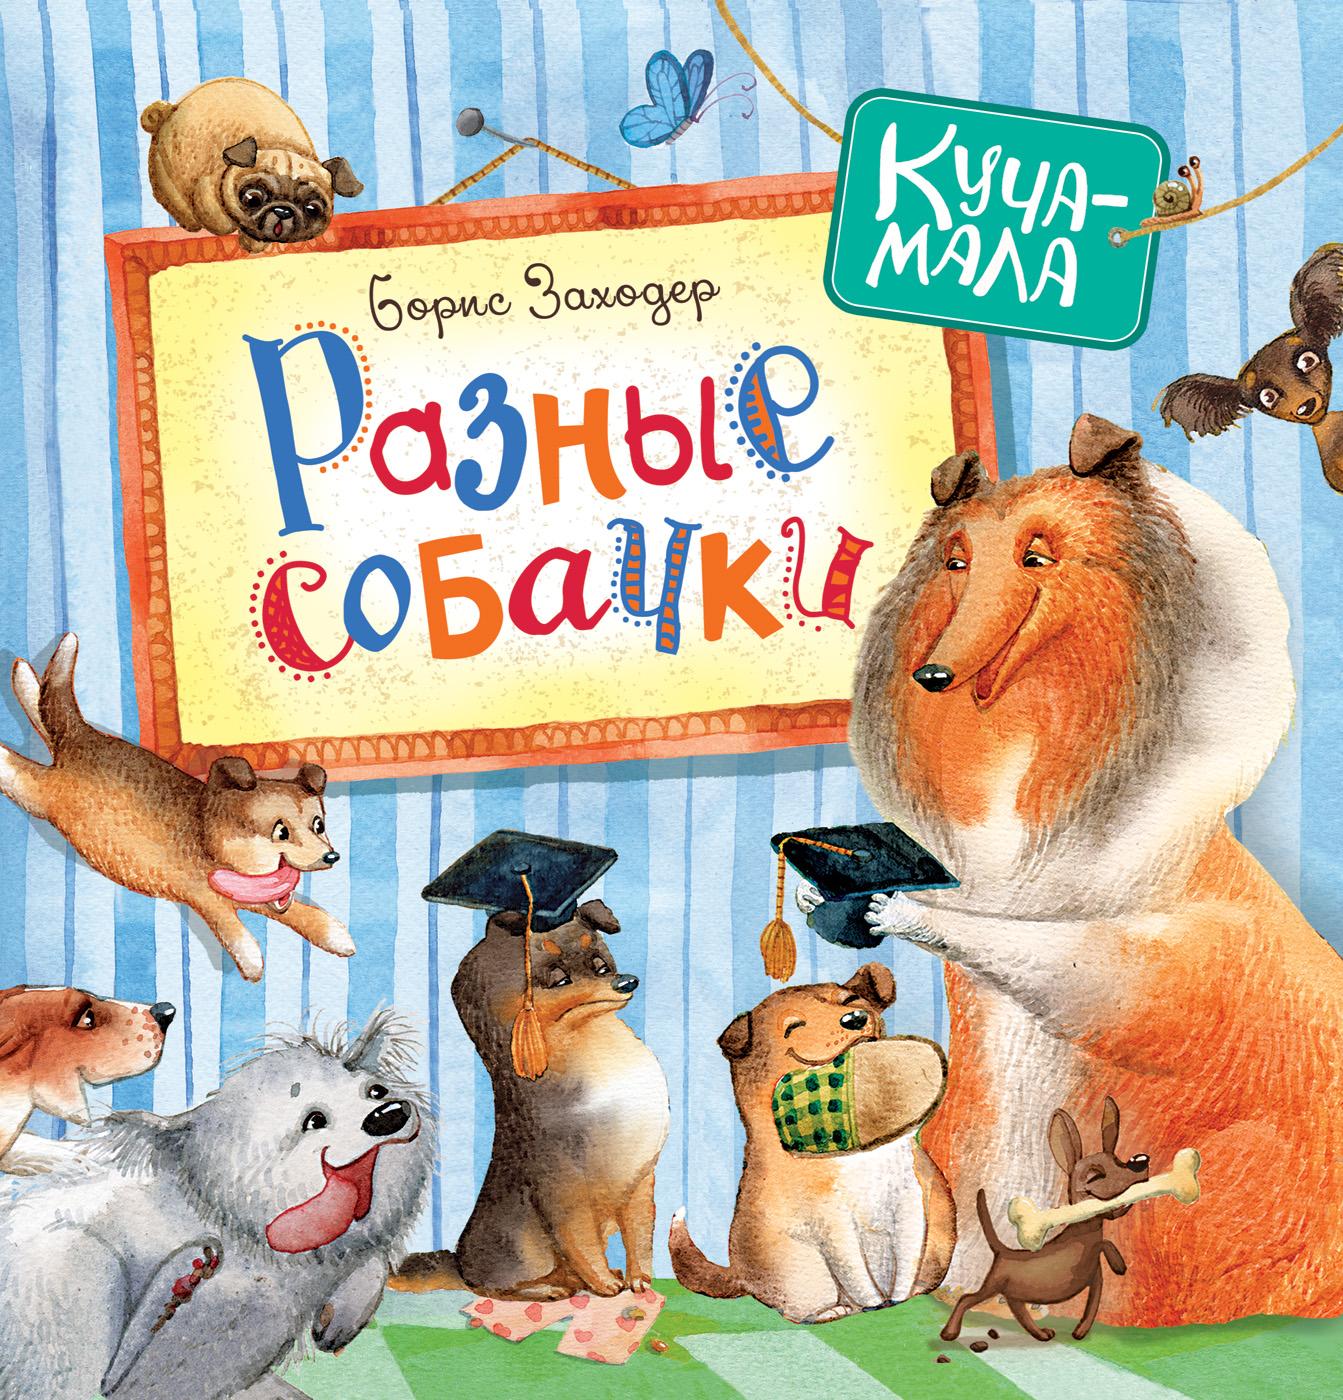 Книга Заходер Борис - Разные собачки из серии Куча-малаКлассная классика<br>Книга Заходер Борис - Разные собачки из серии Куча-мала<br>